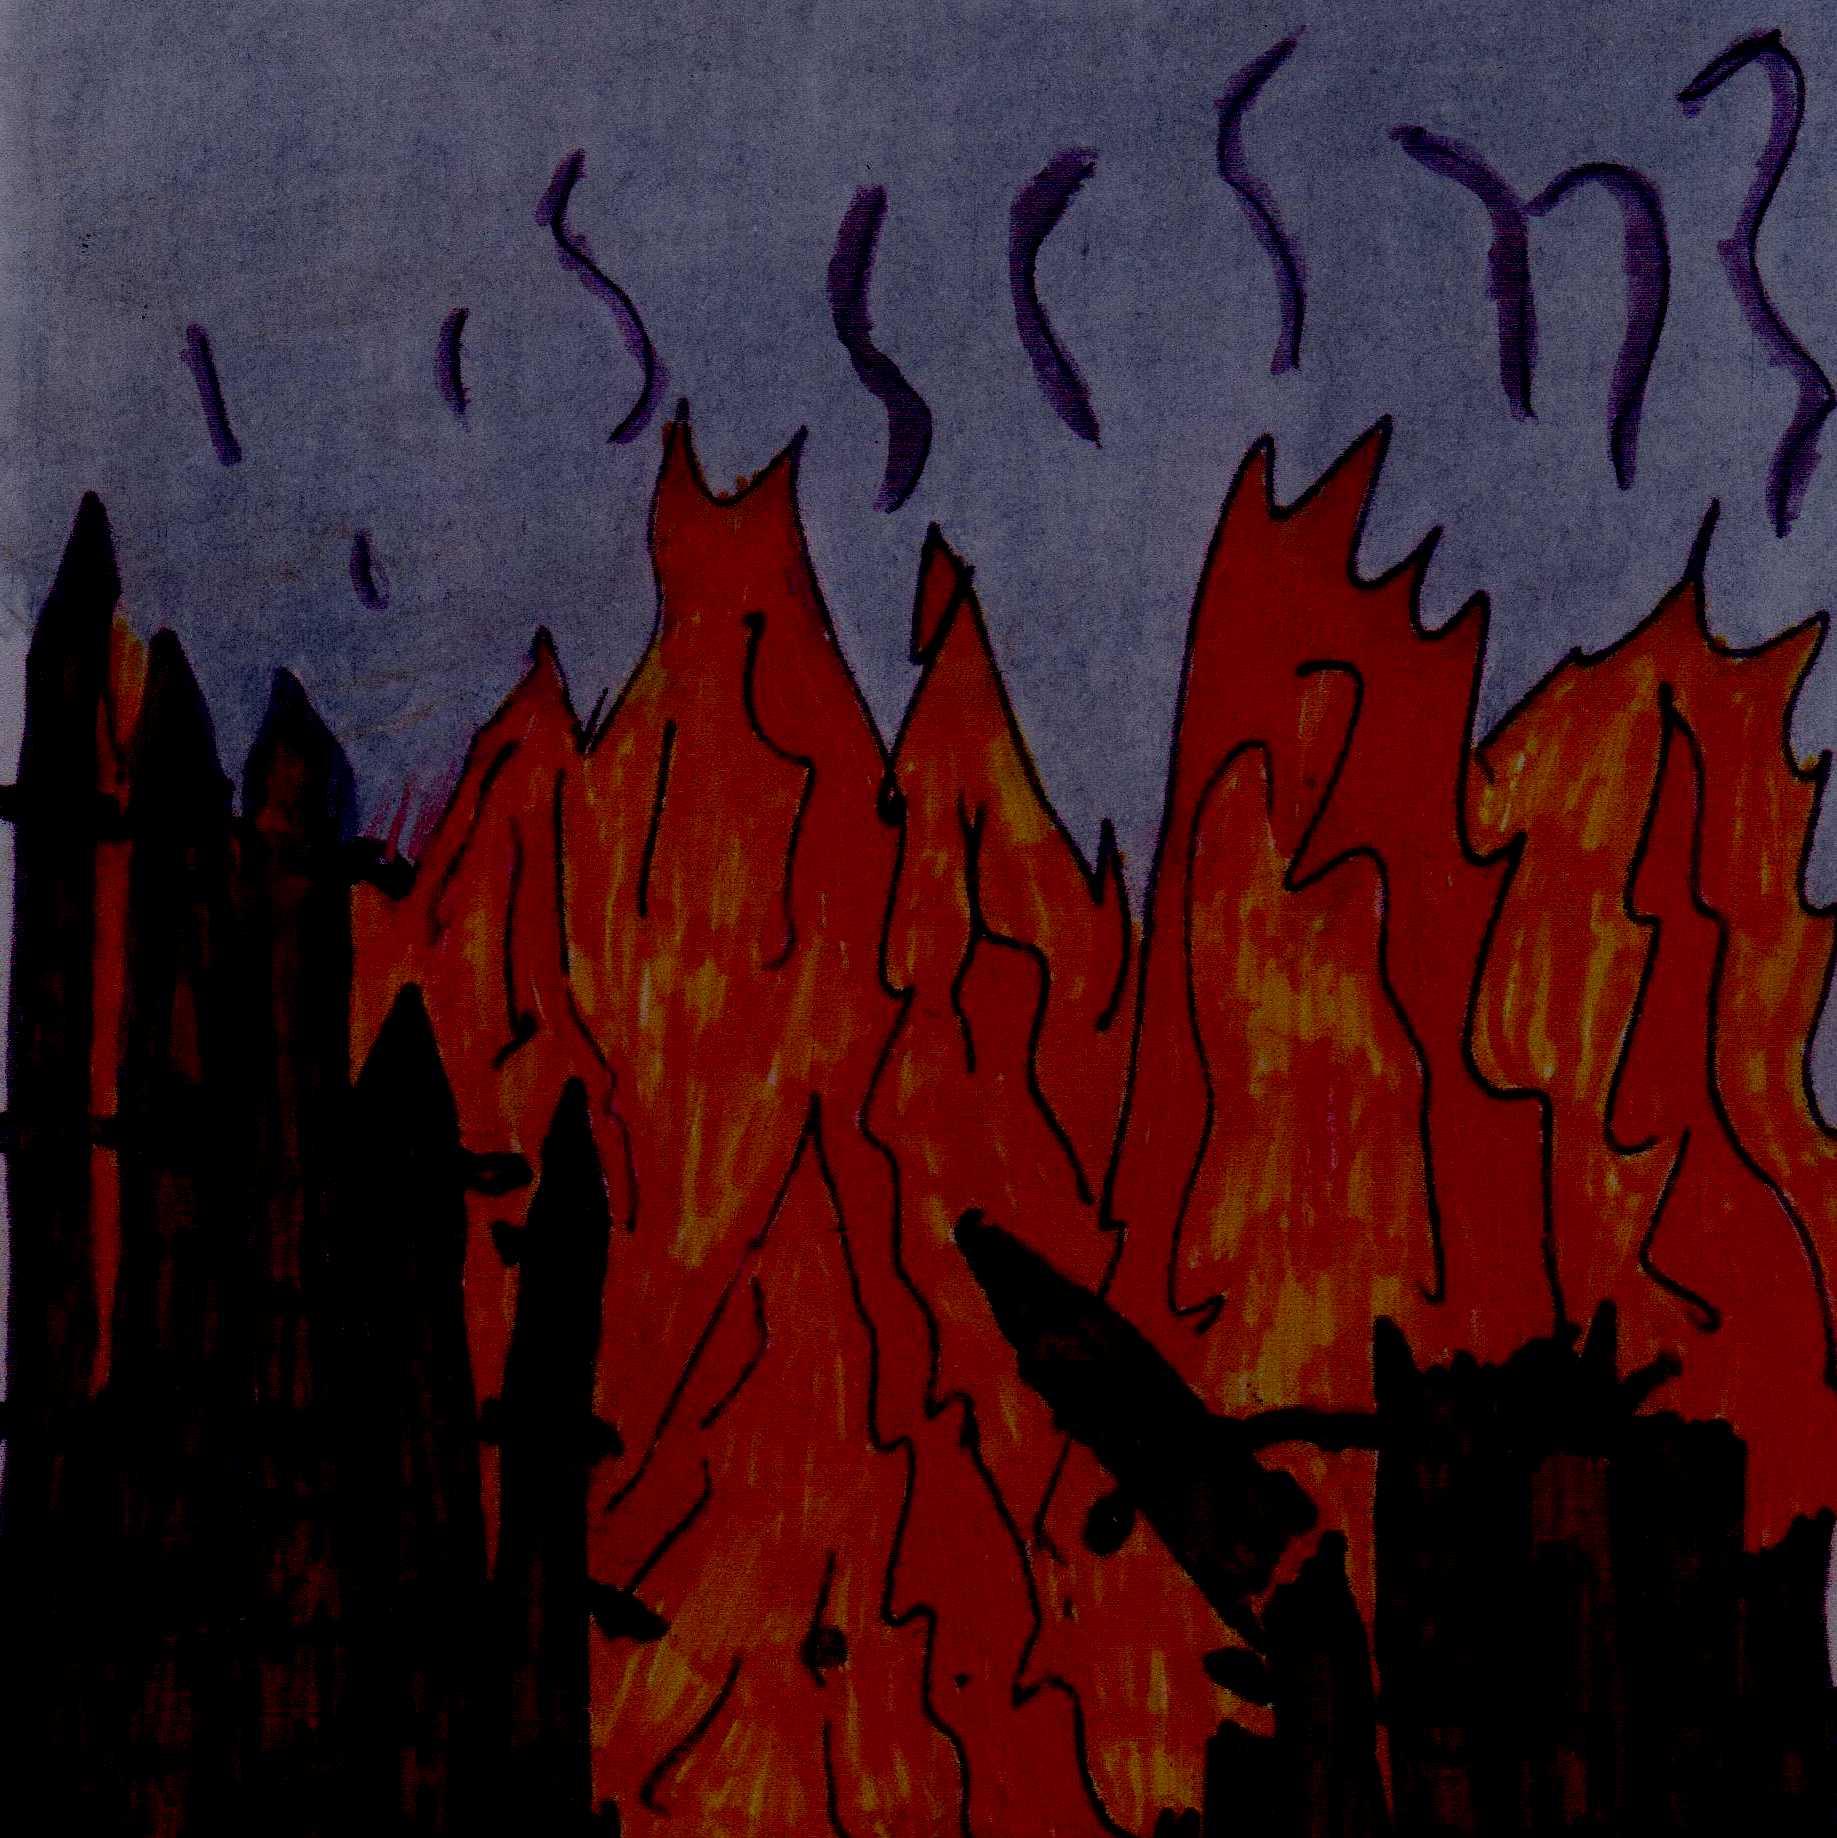 door flames